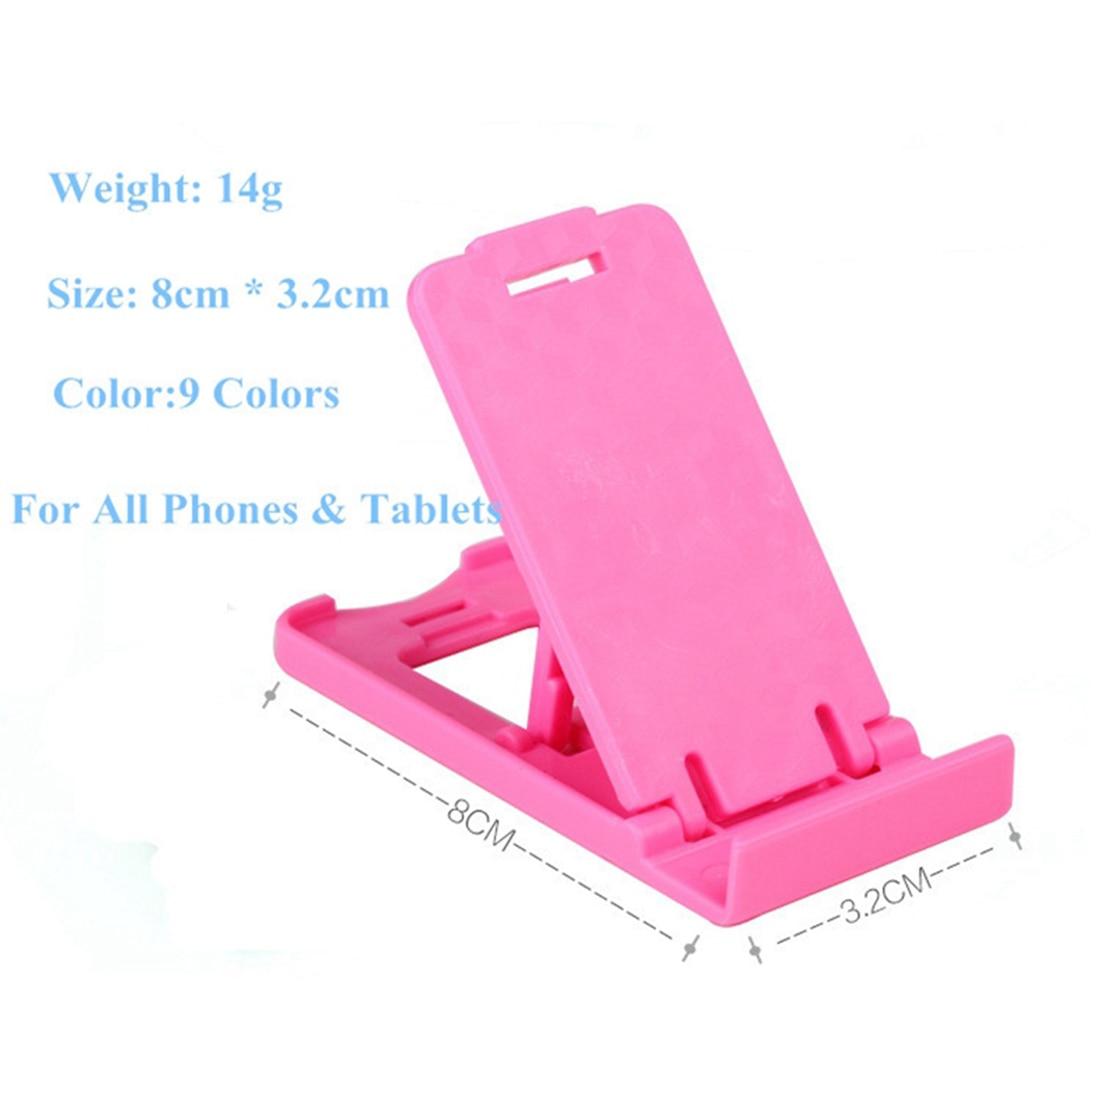 Etmakit Hot Sale Stand Phone Holder For Smartphone Folded Holder Adjustable Support Cell Mobile Phone Holder Random Color Сотовый телефон